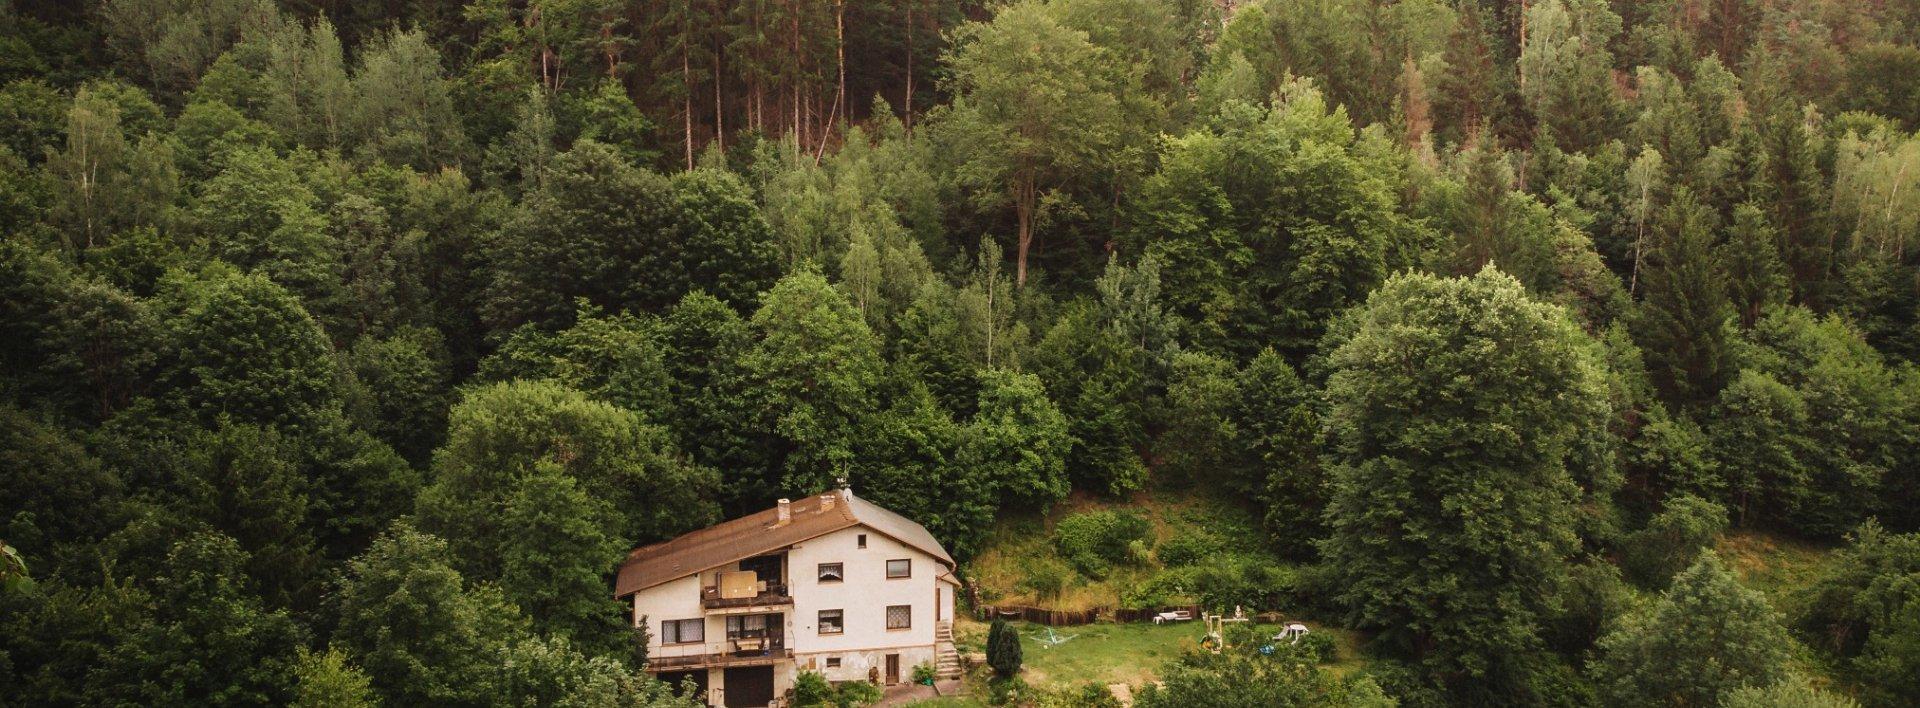 Rodinný dům se 2 byty uprostřed vlastních lesů a luk, Ev.č.: N48825